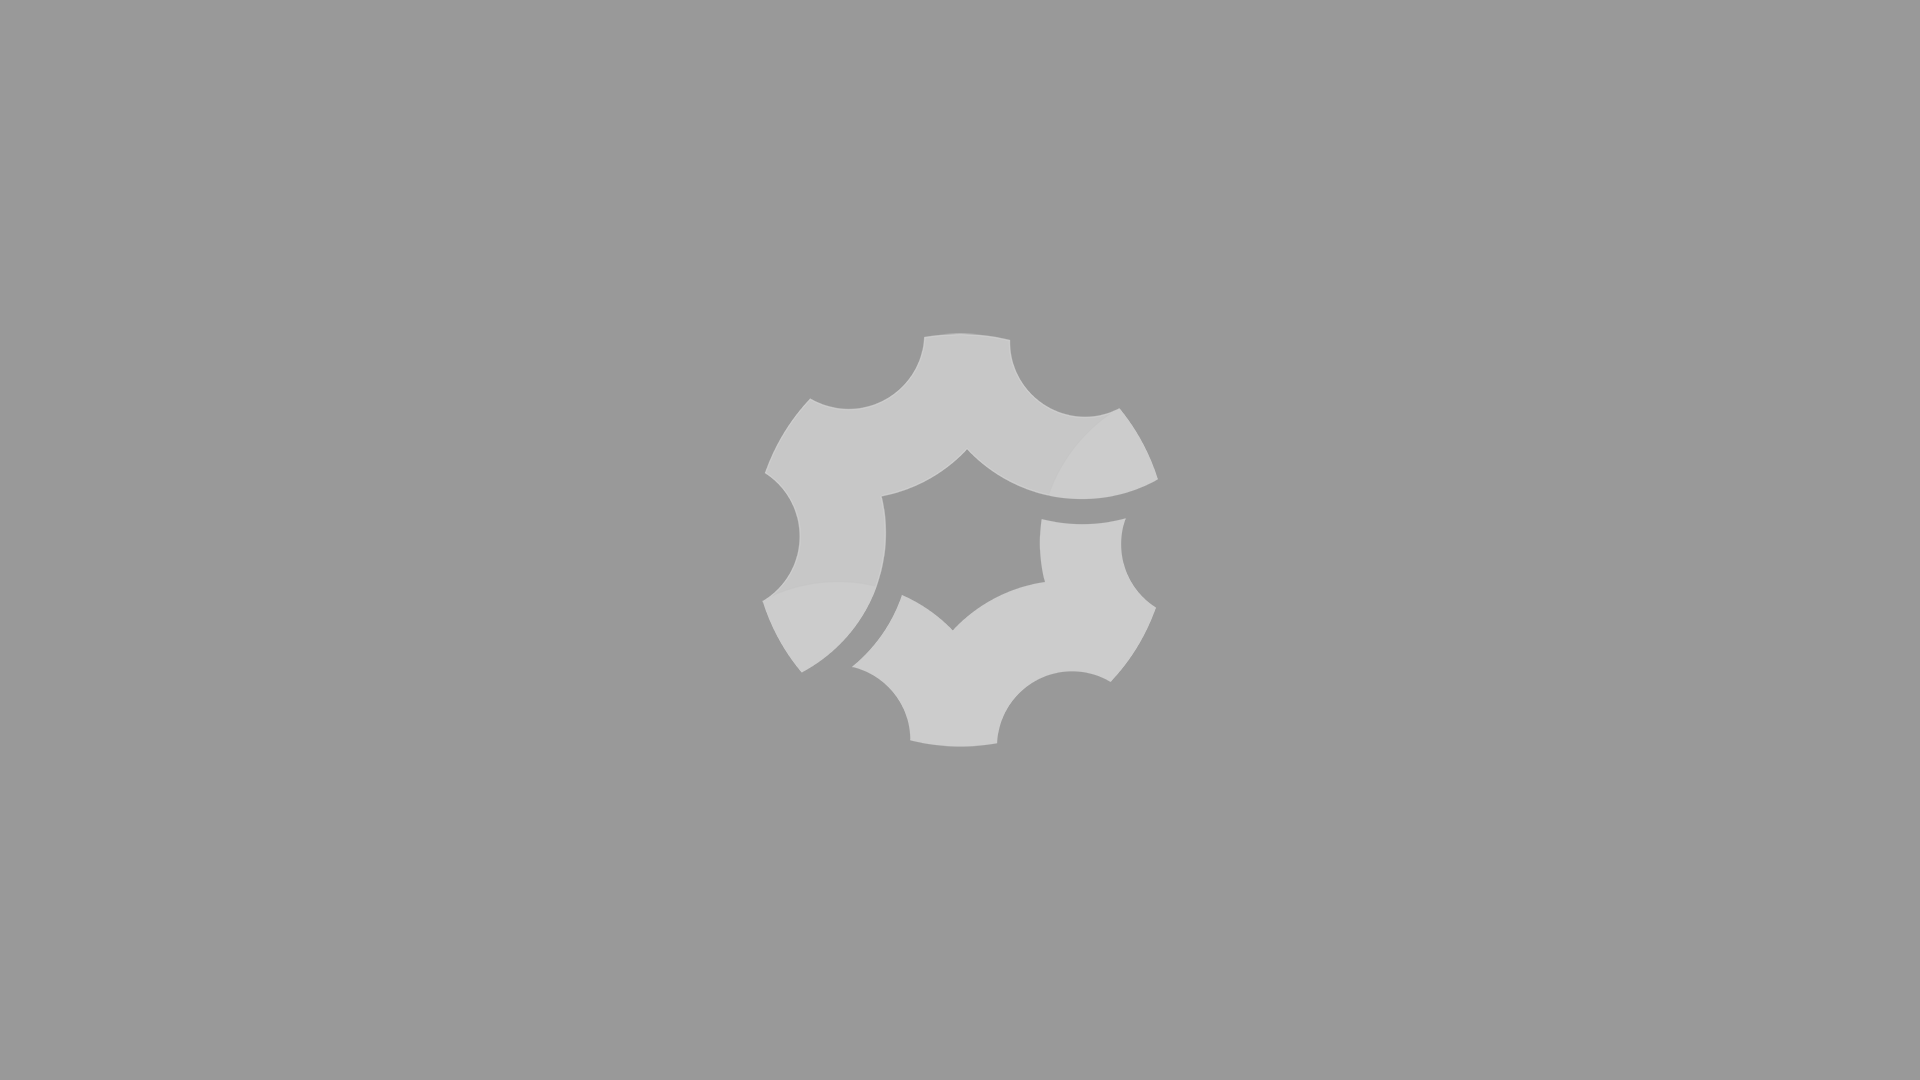 snowrunner_ksiva_p_3bf40_2021-04-23_22_31_29.png